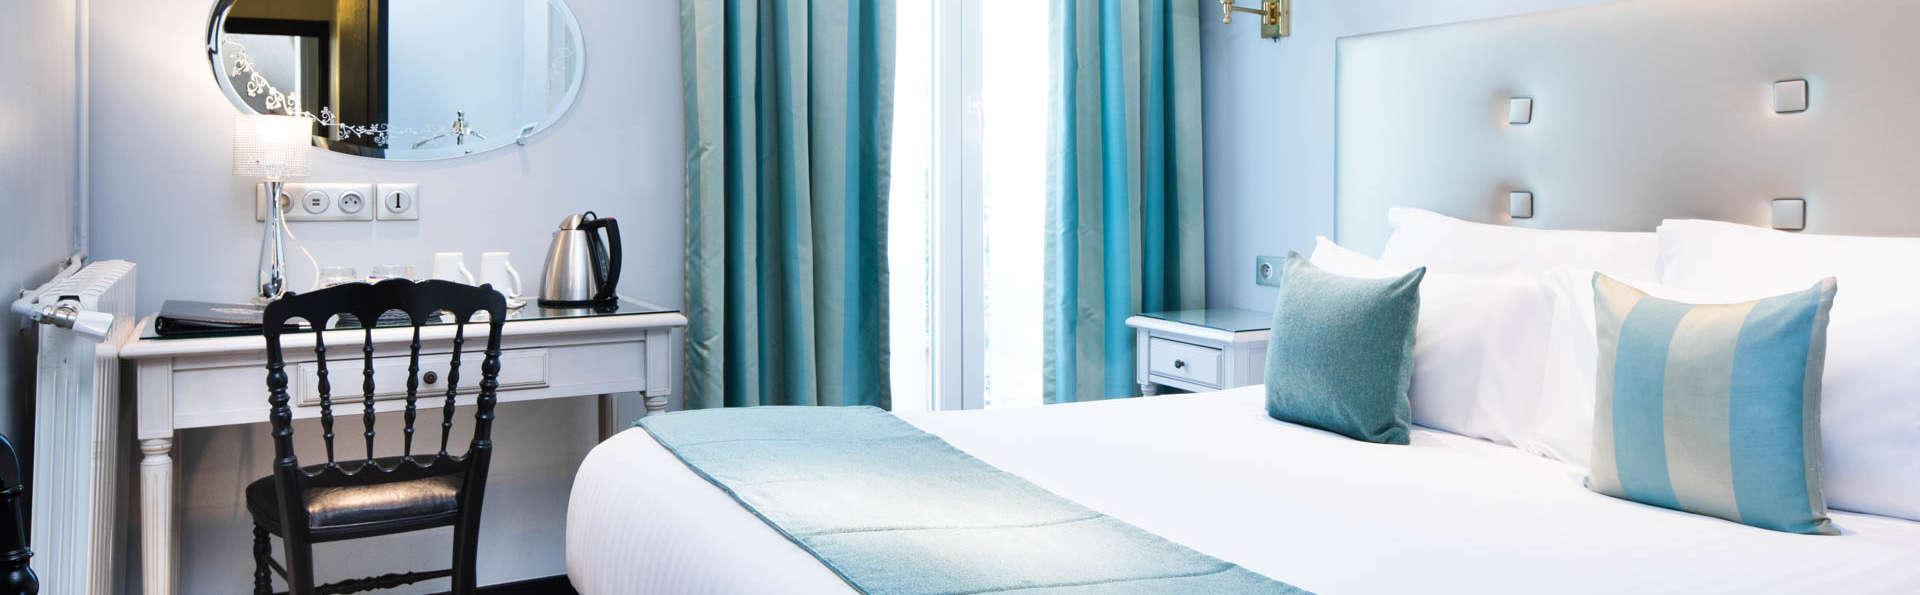 Hôtel Plaza Elysées - EDIT_ROOM1.jpg